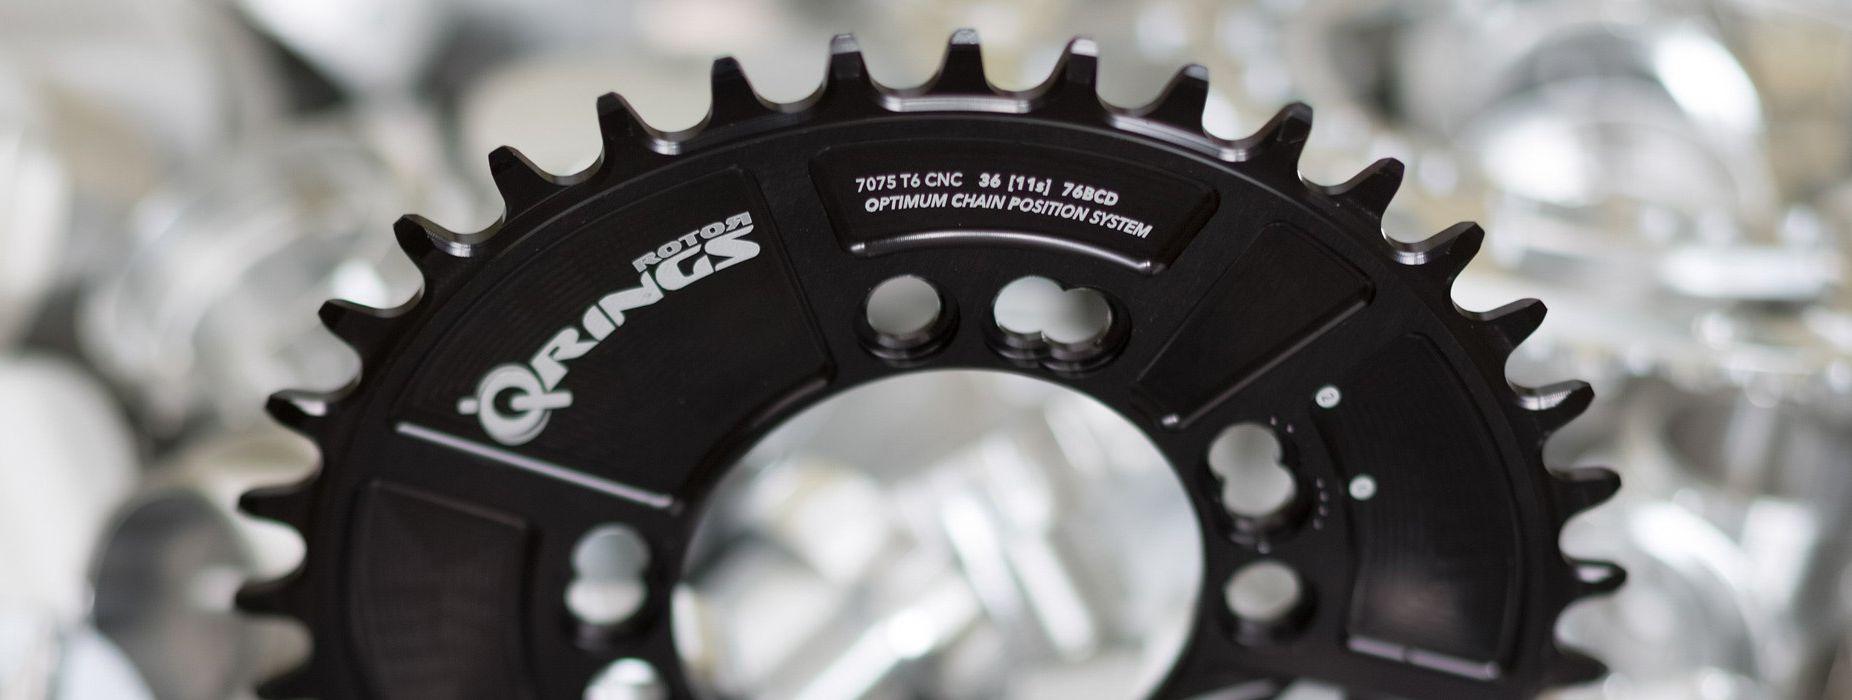 Platos Rotor QX1